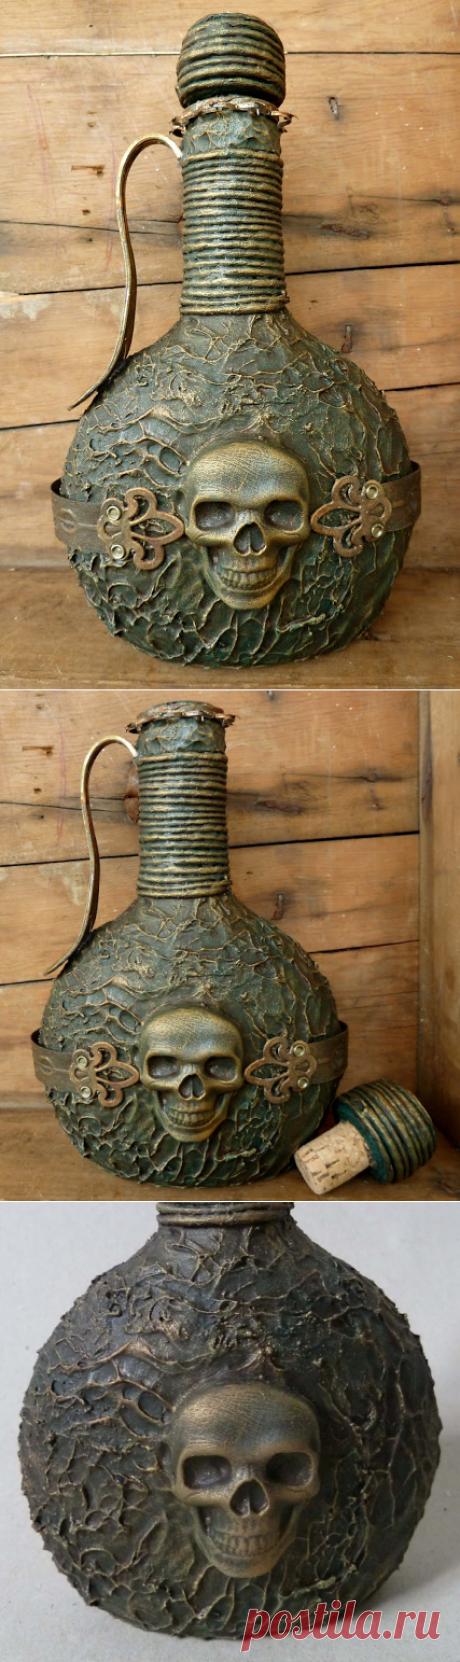 Ideas Creativas y Practicas:  DIY  Botella Pirata (Reciclaje)